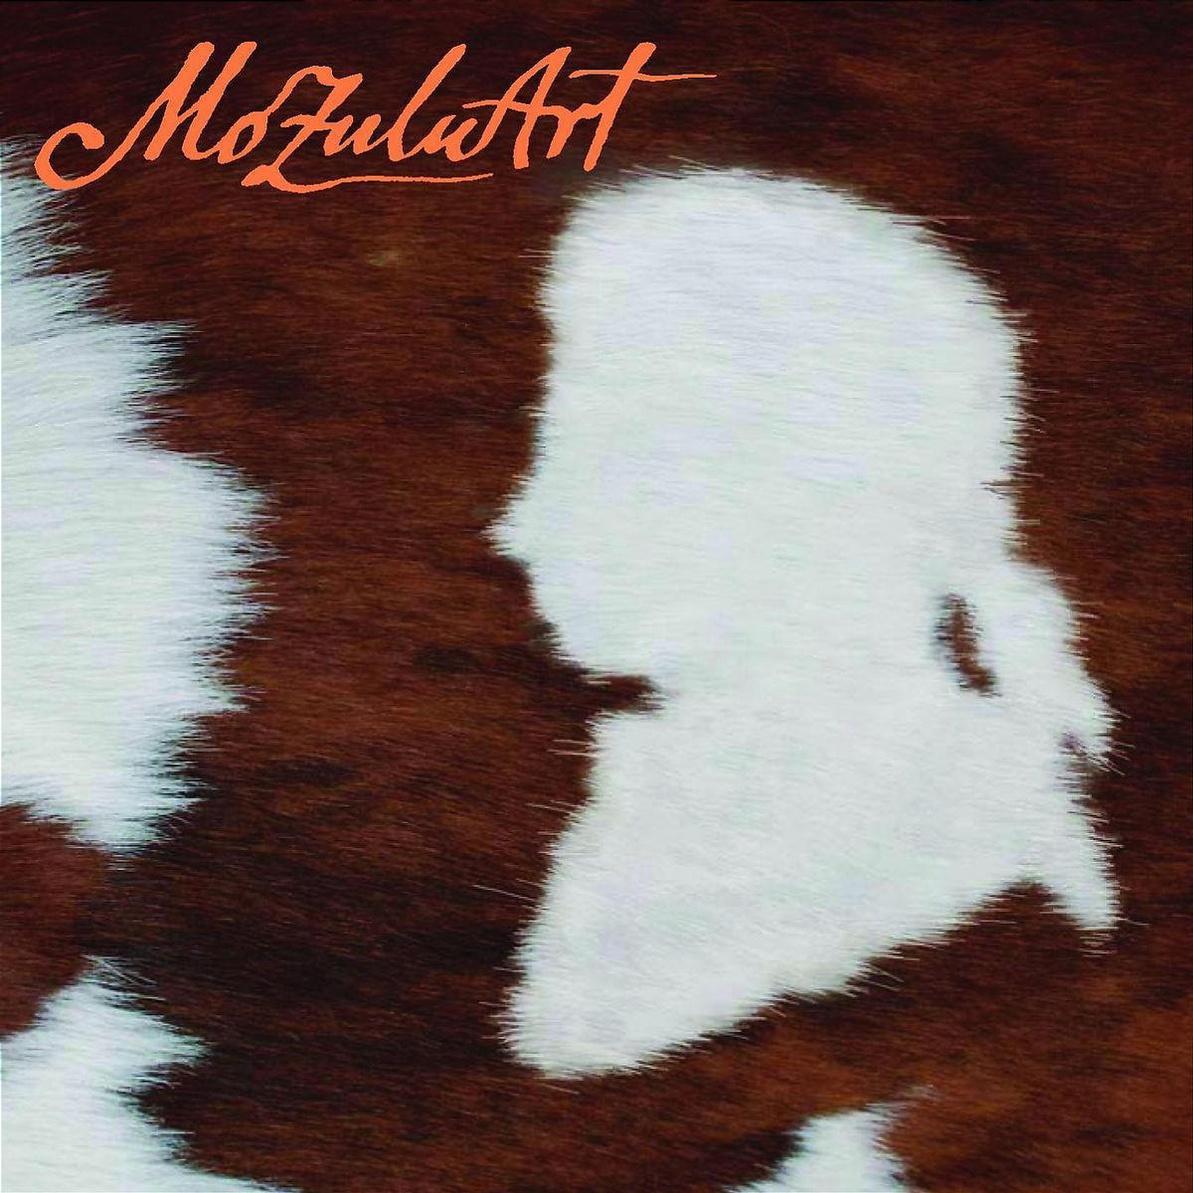 Mozuluart - Zulu Music Meets Mozart